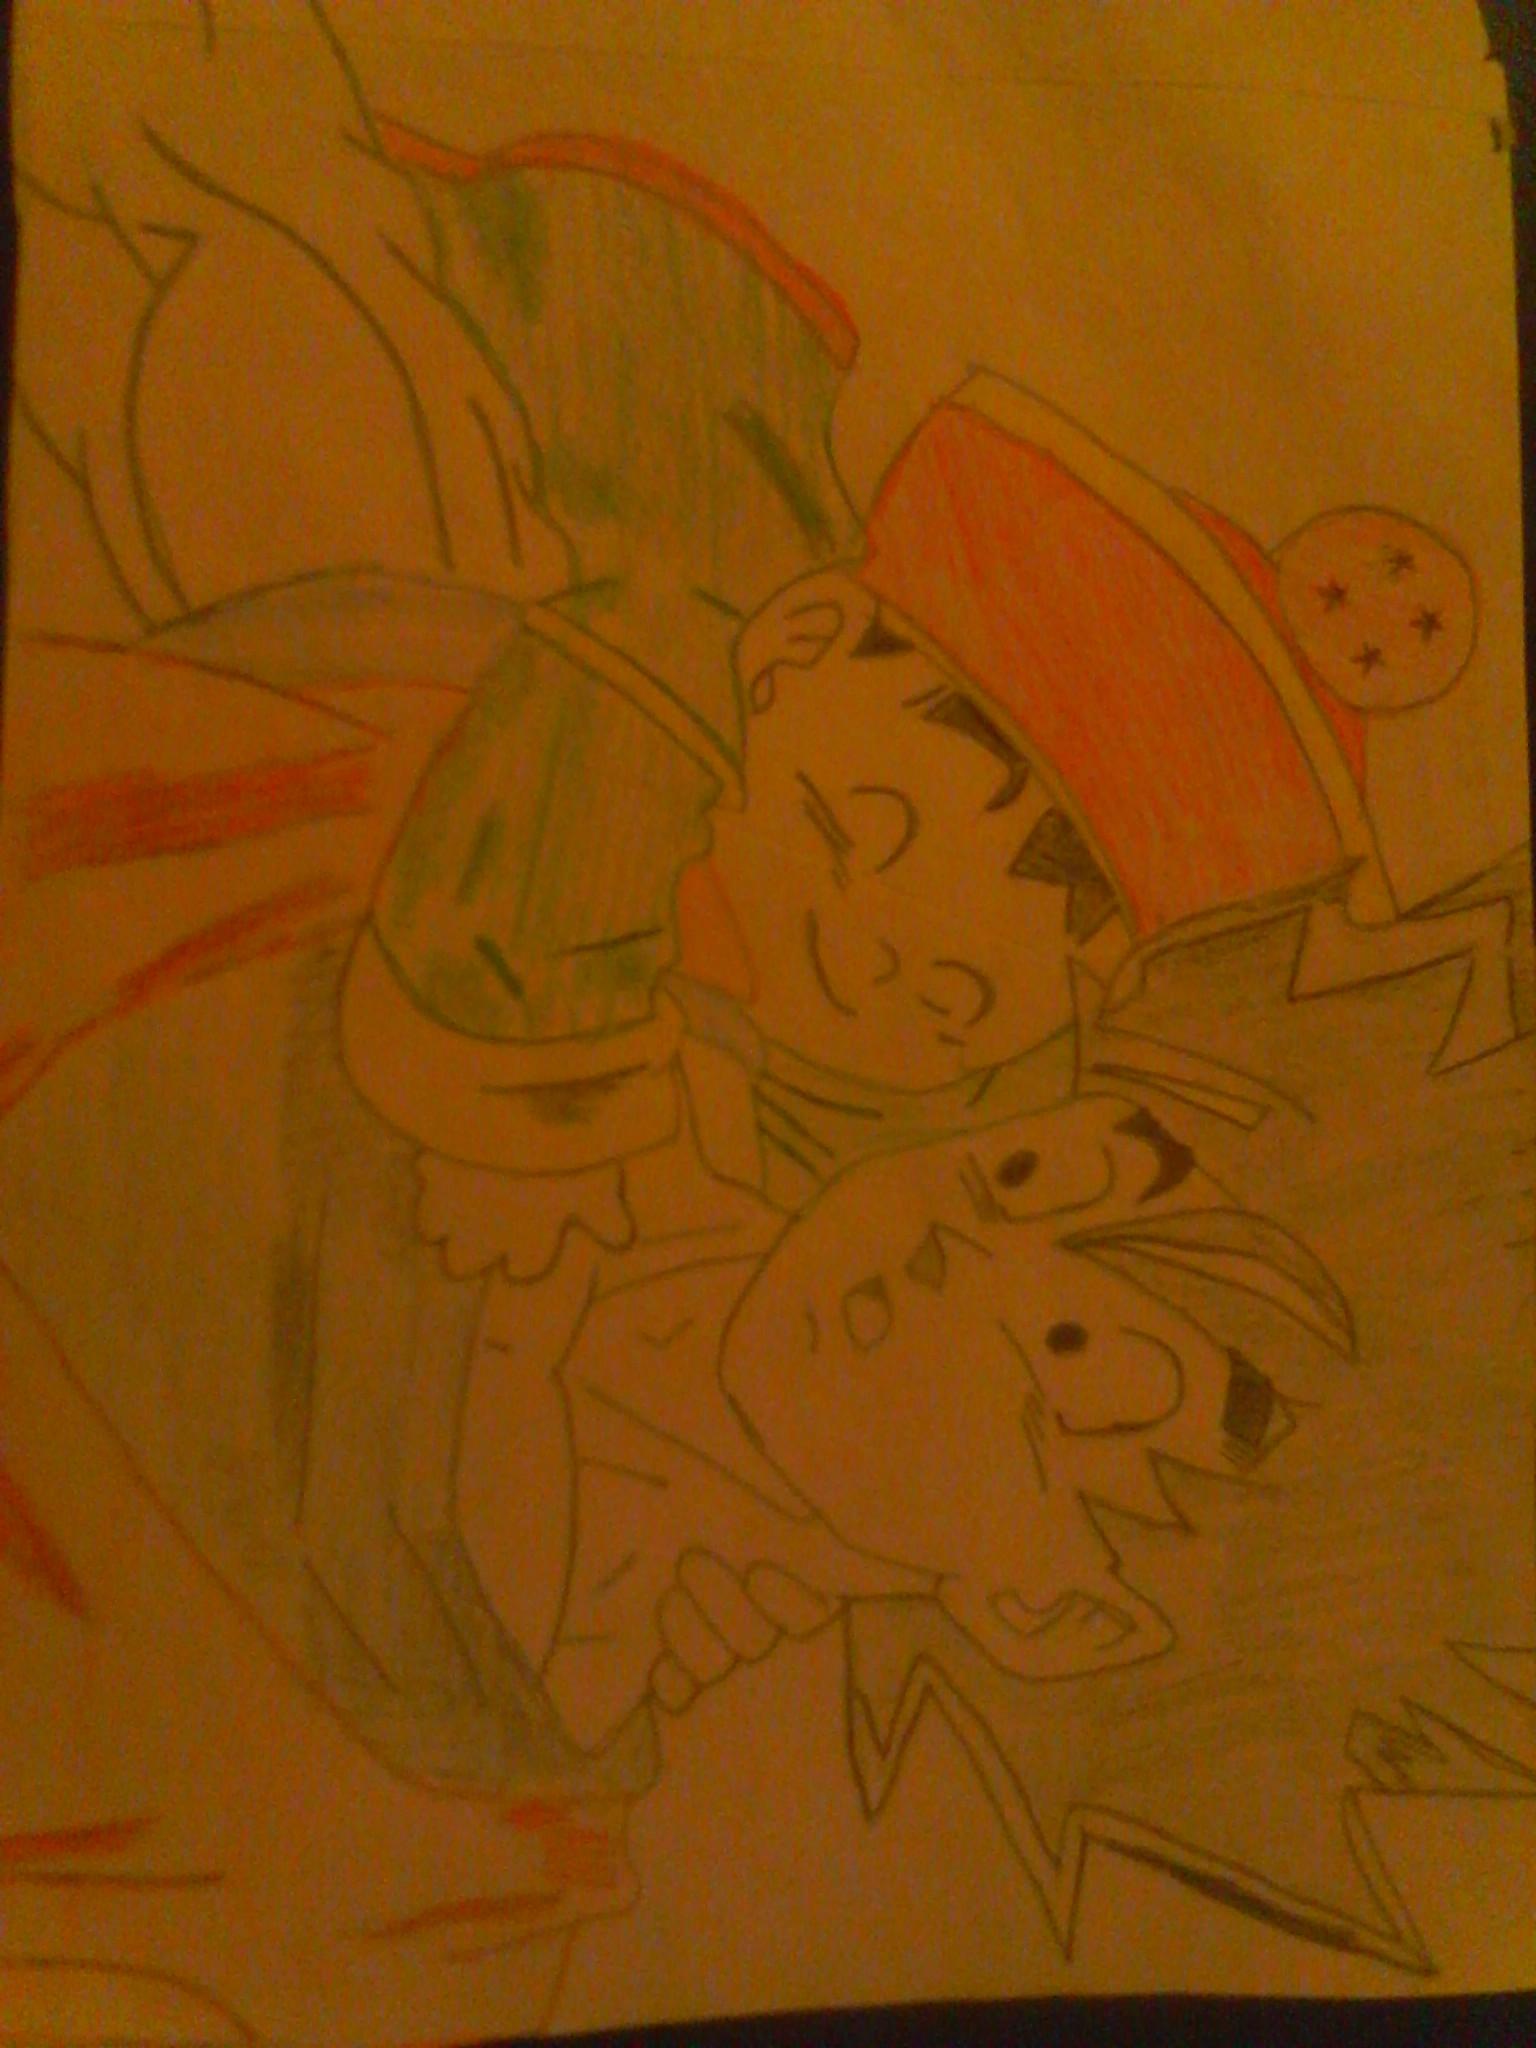 Goku and Kid Gohan